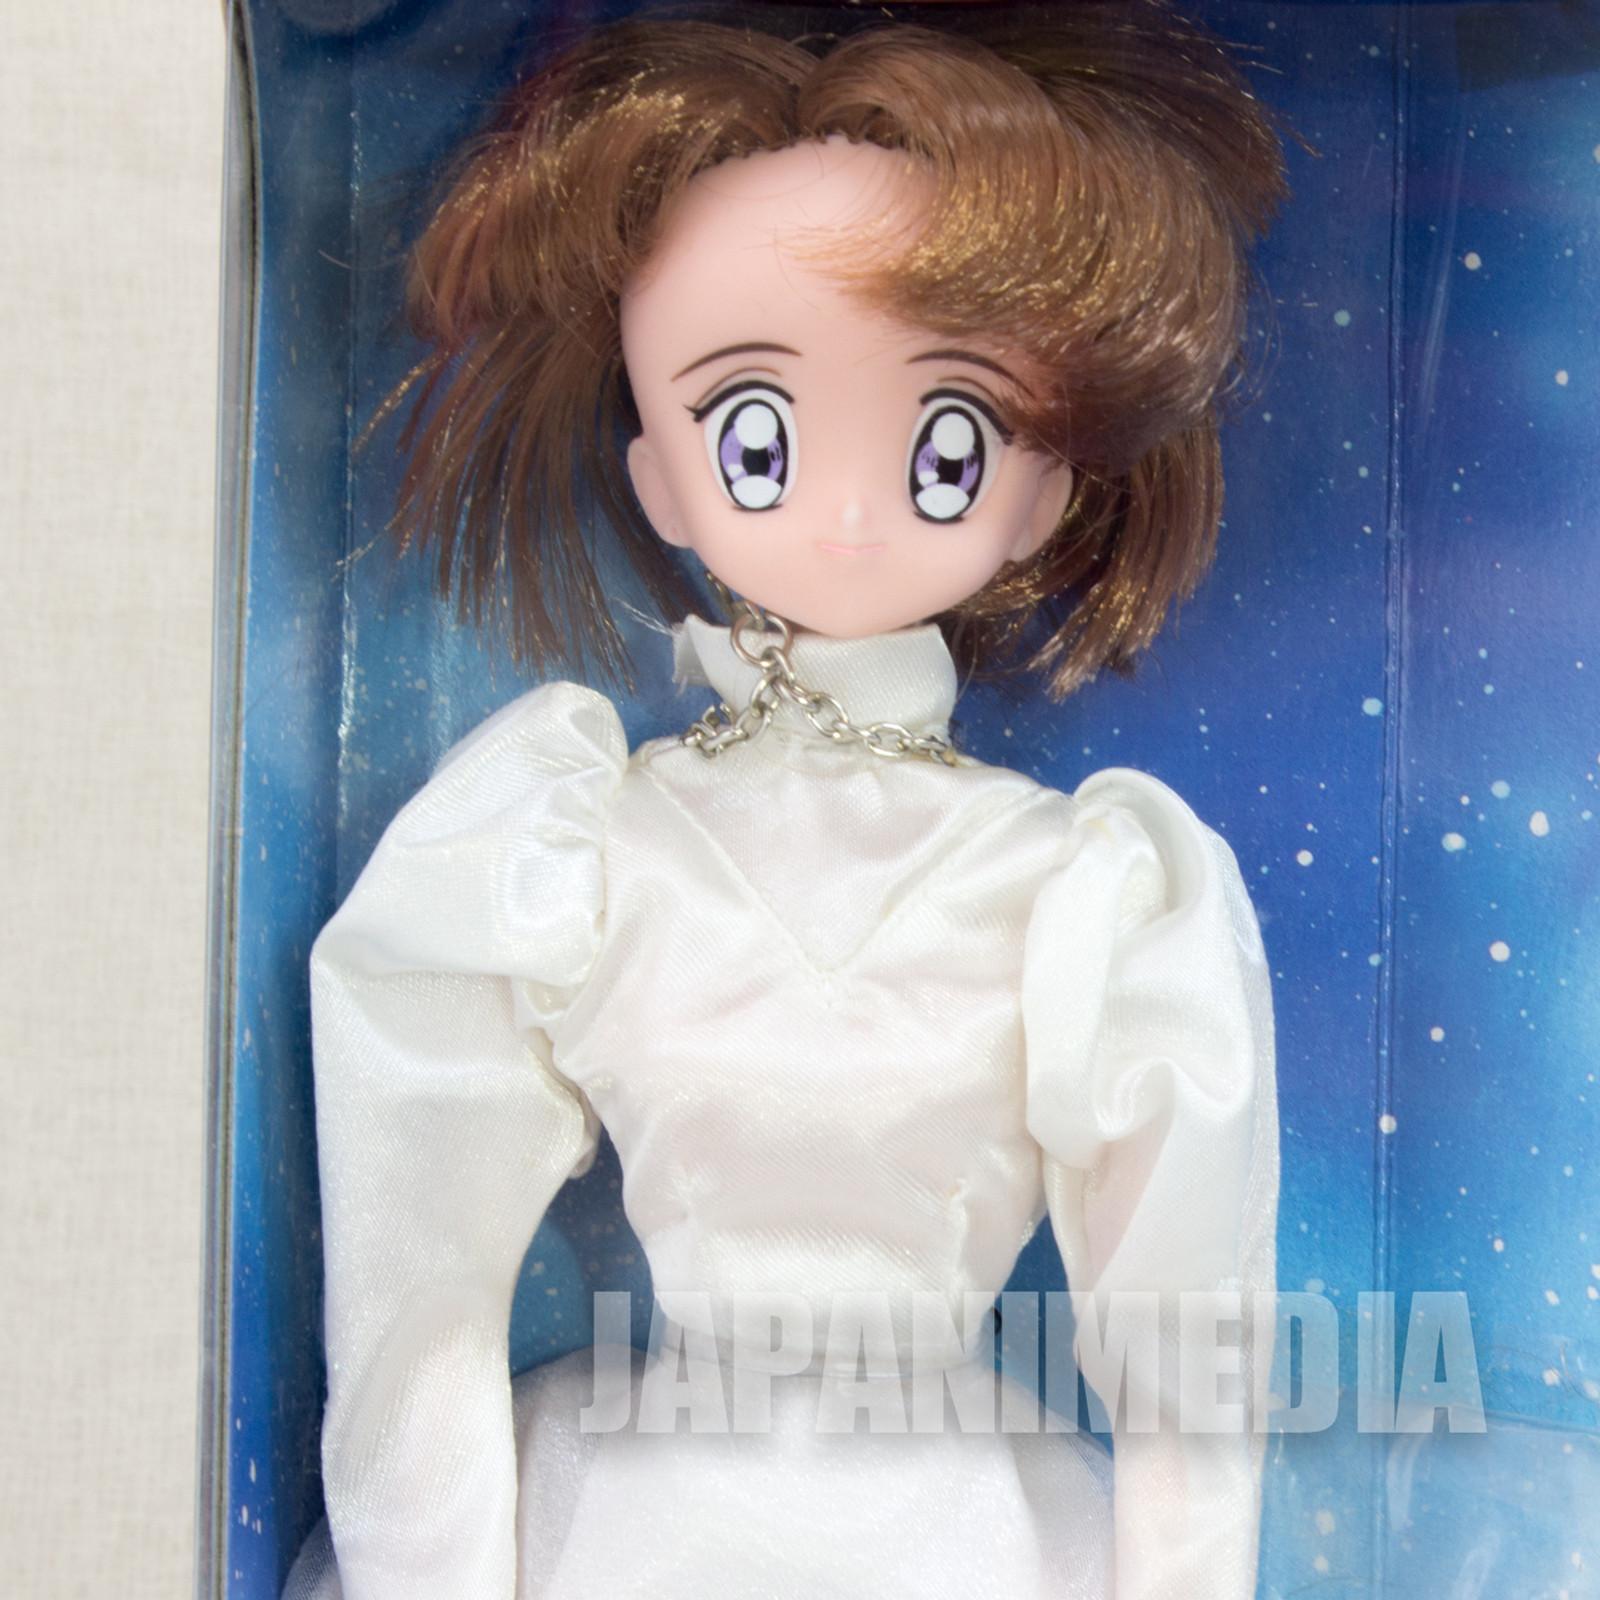 Saint Tail Sister Seira Mimori Saint Face Doll Figure SEGA JAPAN